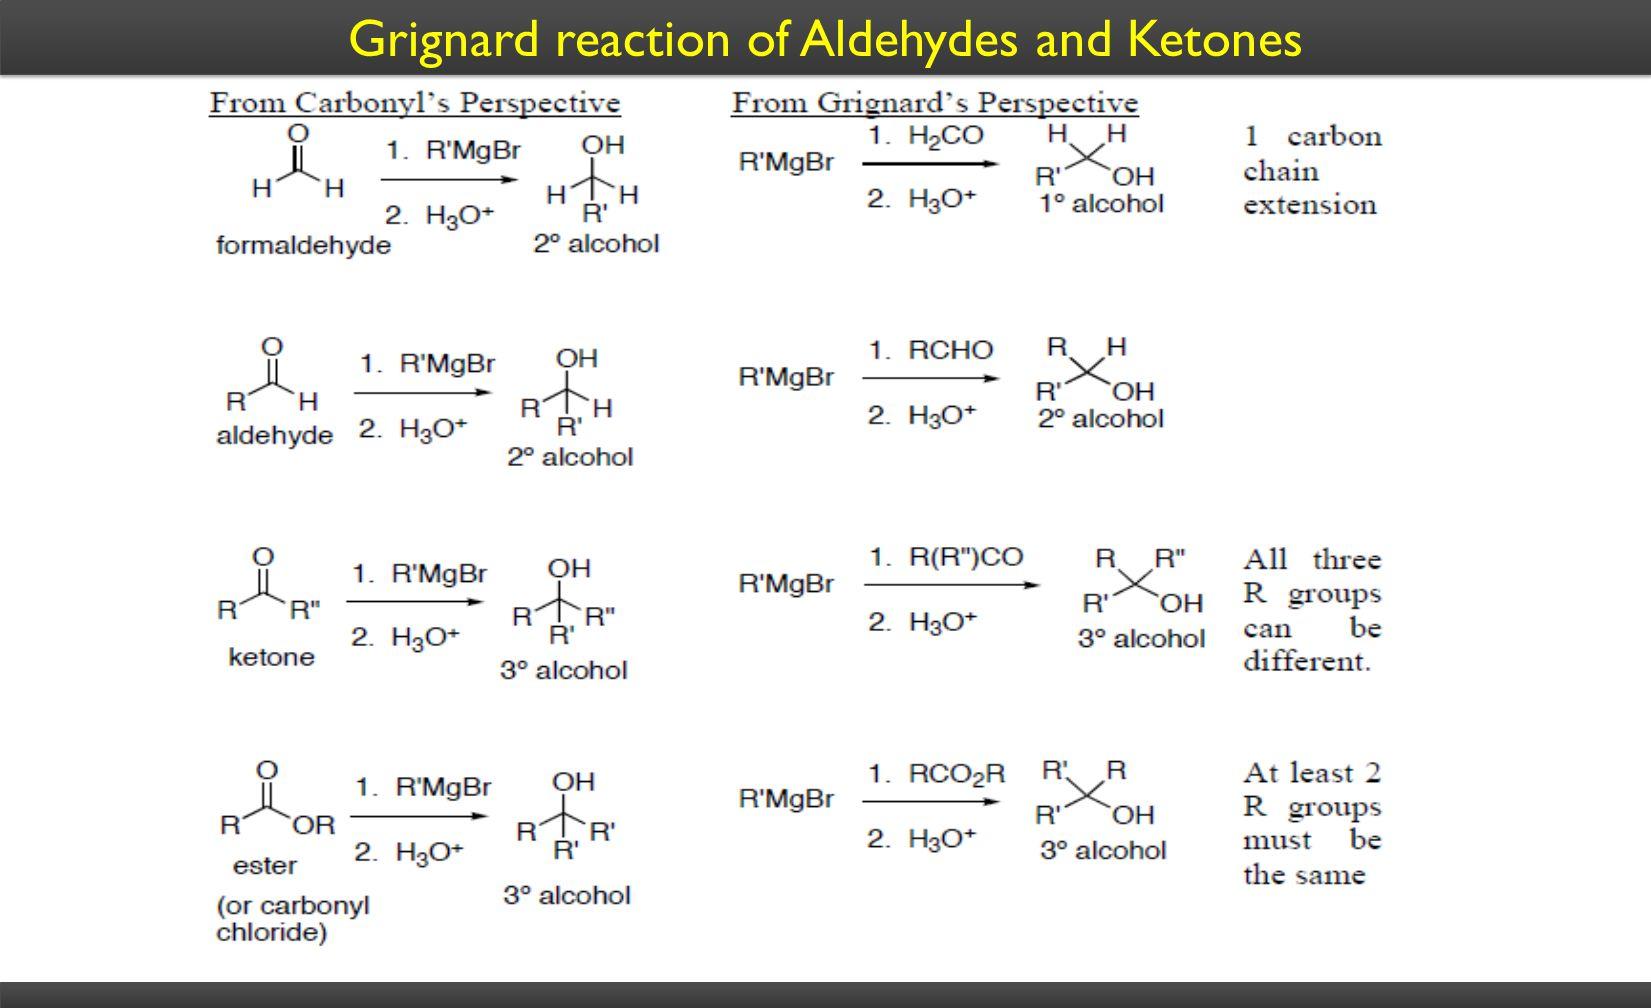 Grignard reaction of Aldehydes and Ketones